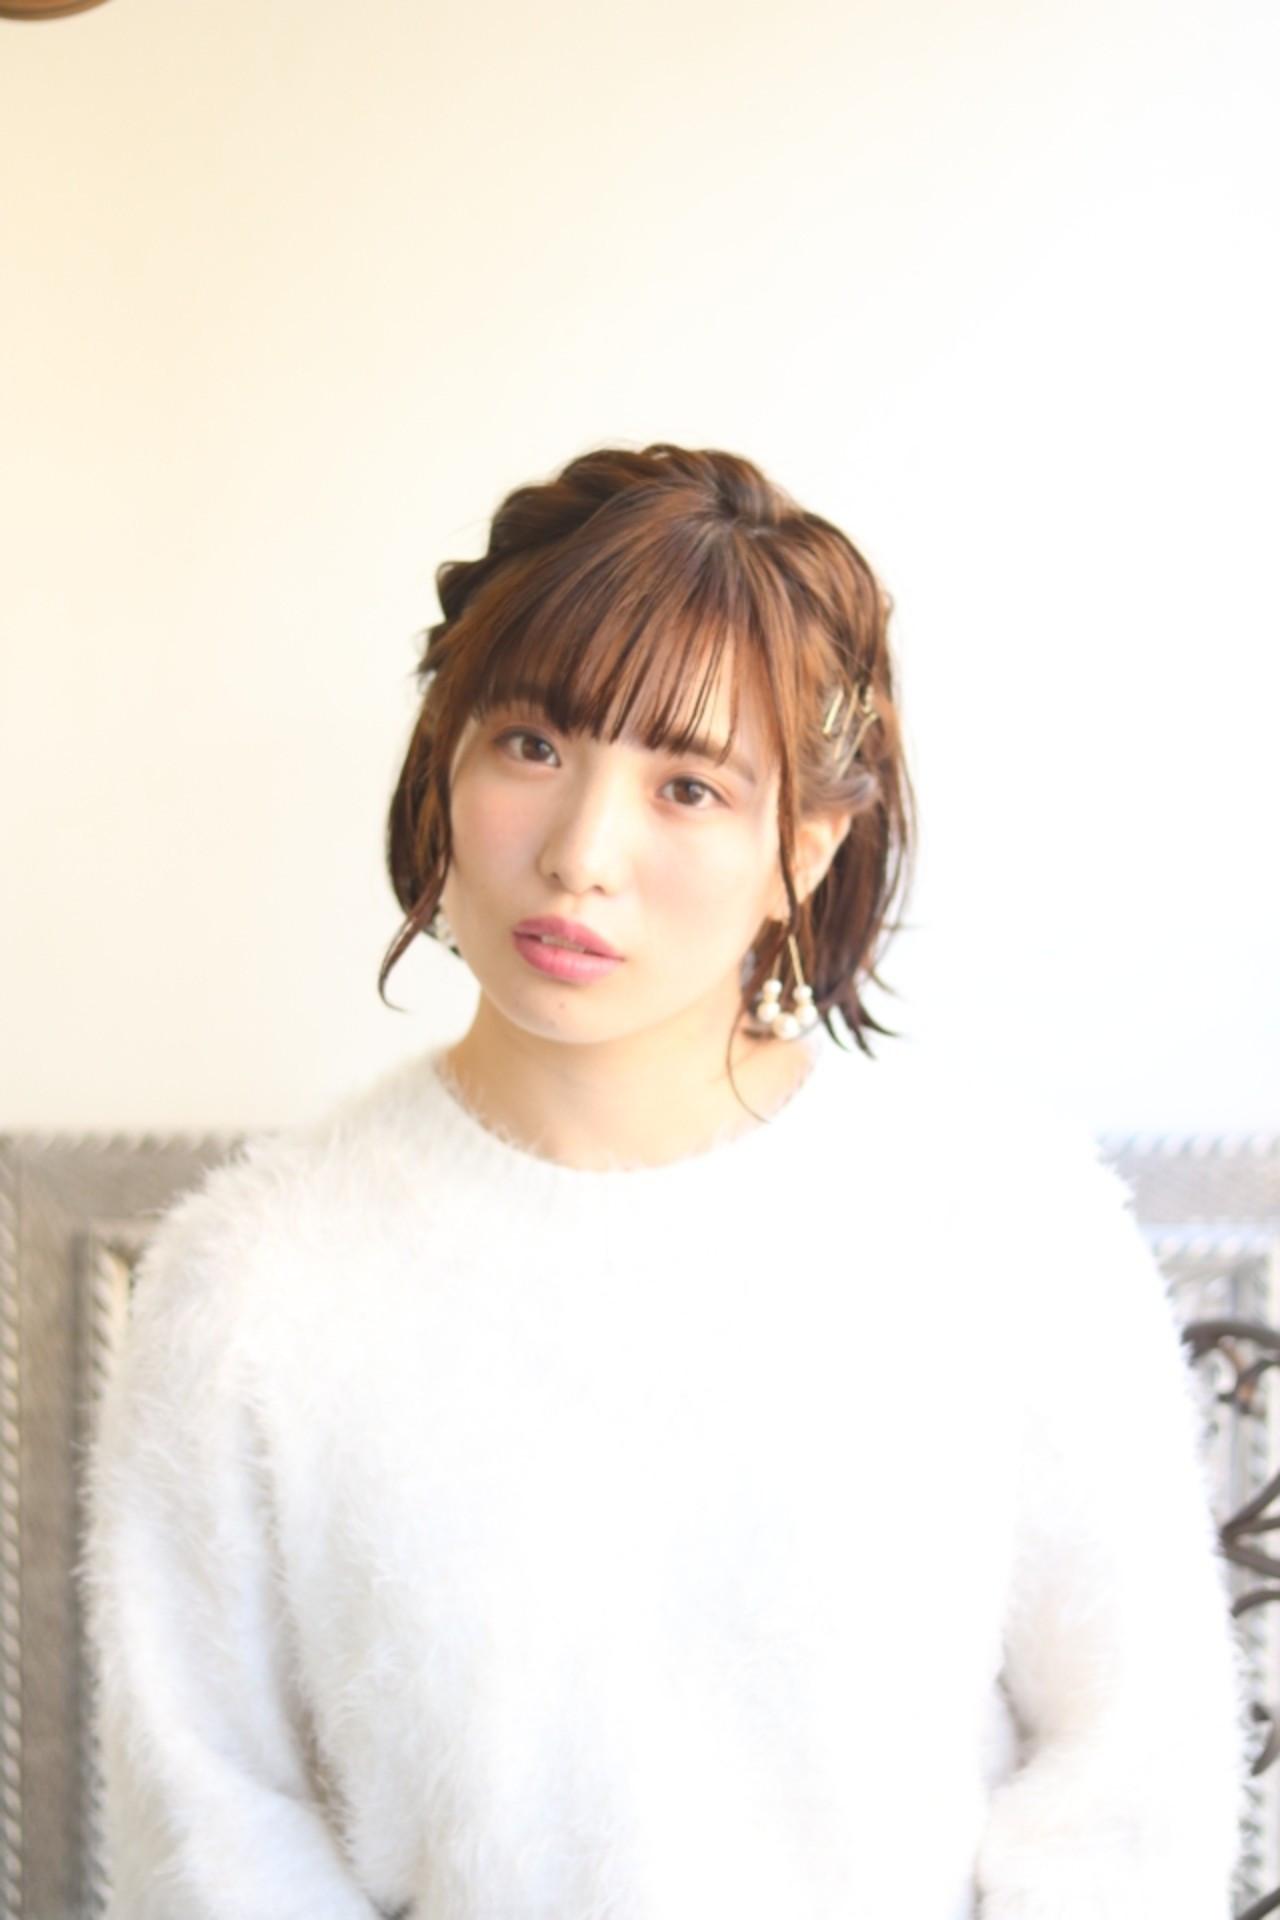 前髪カチューシャでかわいい愛されヘアに♪ 【dress】大杉匡史 | dress